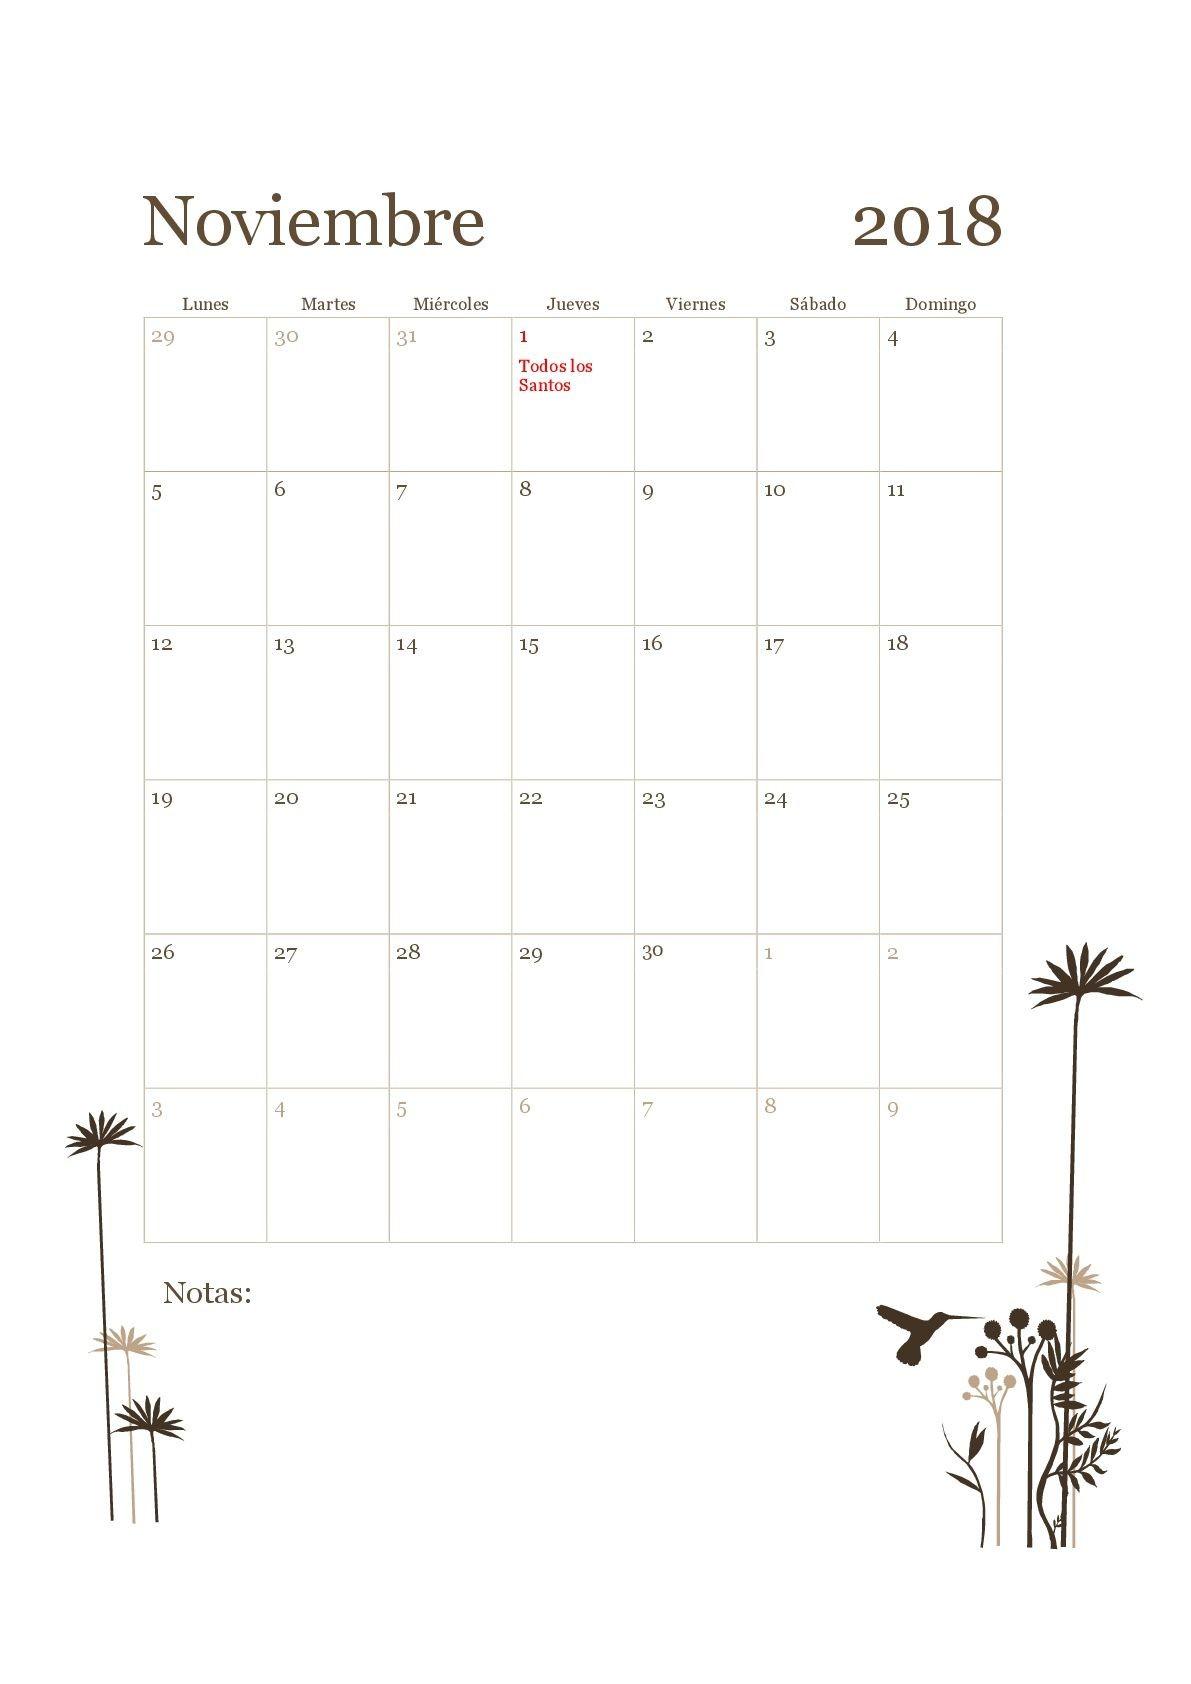 Calendario 2019 Argentina Oficial Para Imprimir Más Recientemente Liberado Mejores 13 Imágenes De Calendario Laboral Registro Empleados En Of Calendario 2019 Argentina Oficial Para Imprimir Más Recientes Universidad Nacional De Tierra Del Fuego